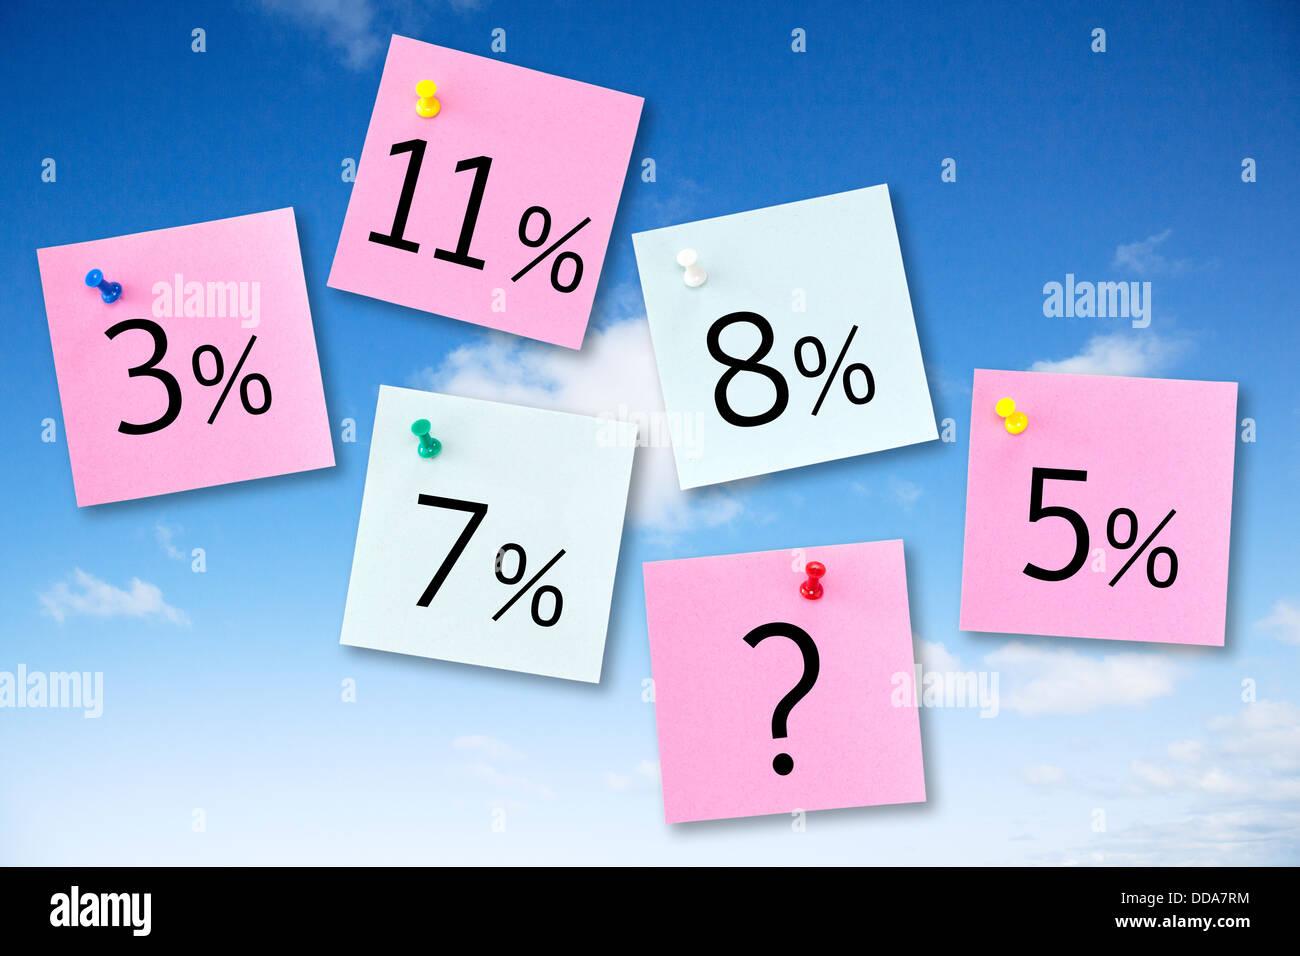 Zinsen-Konzept - Hinweise zum Himmel zeigt verschiedene Interesse oder Hypothekenzinsen und eins mit einem Fragezeichen Stockfoto